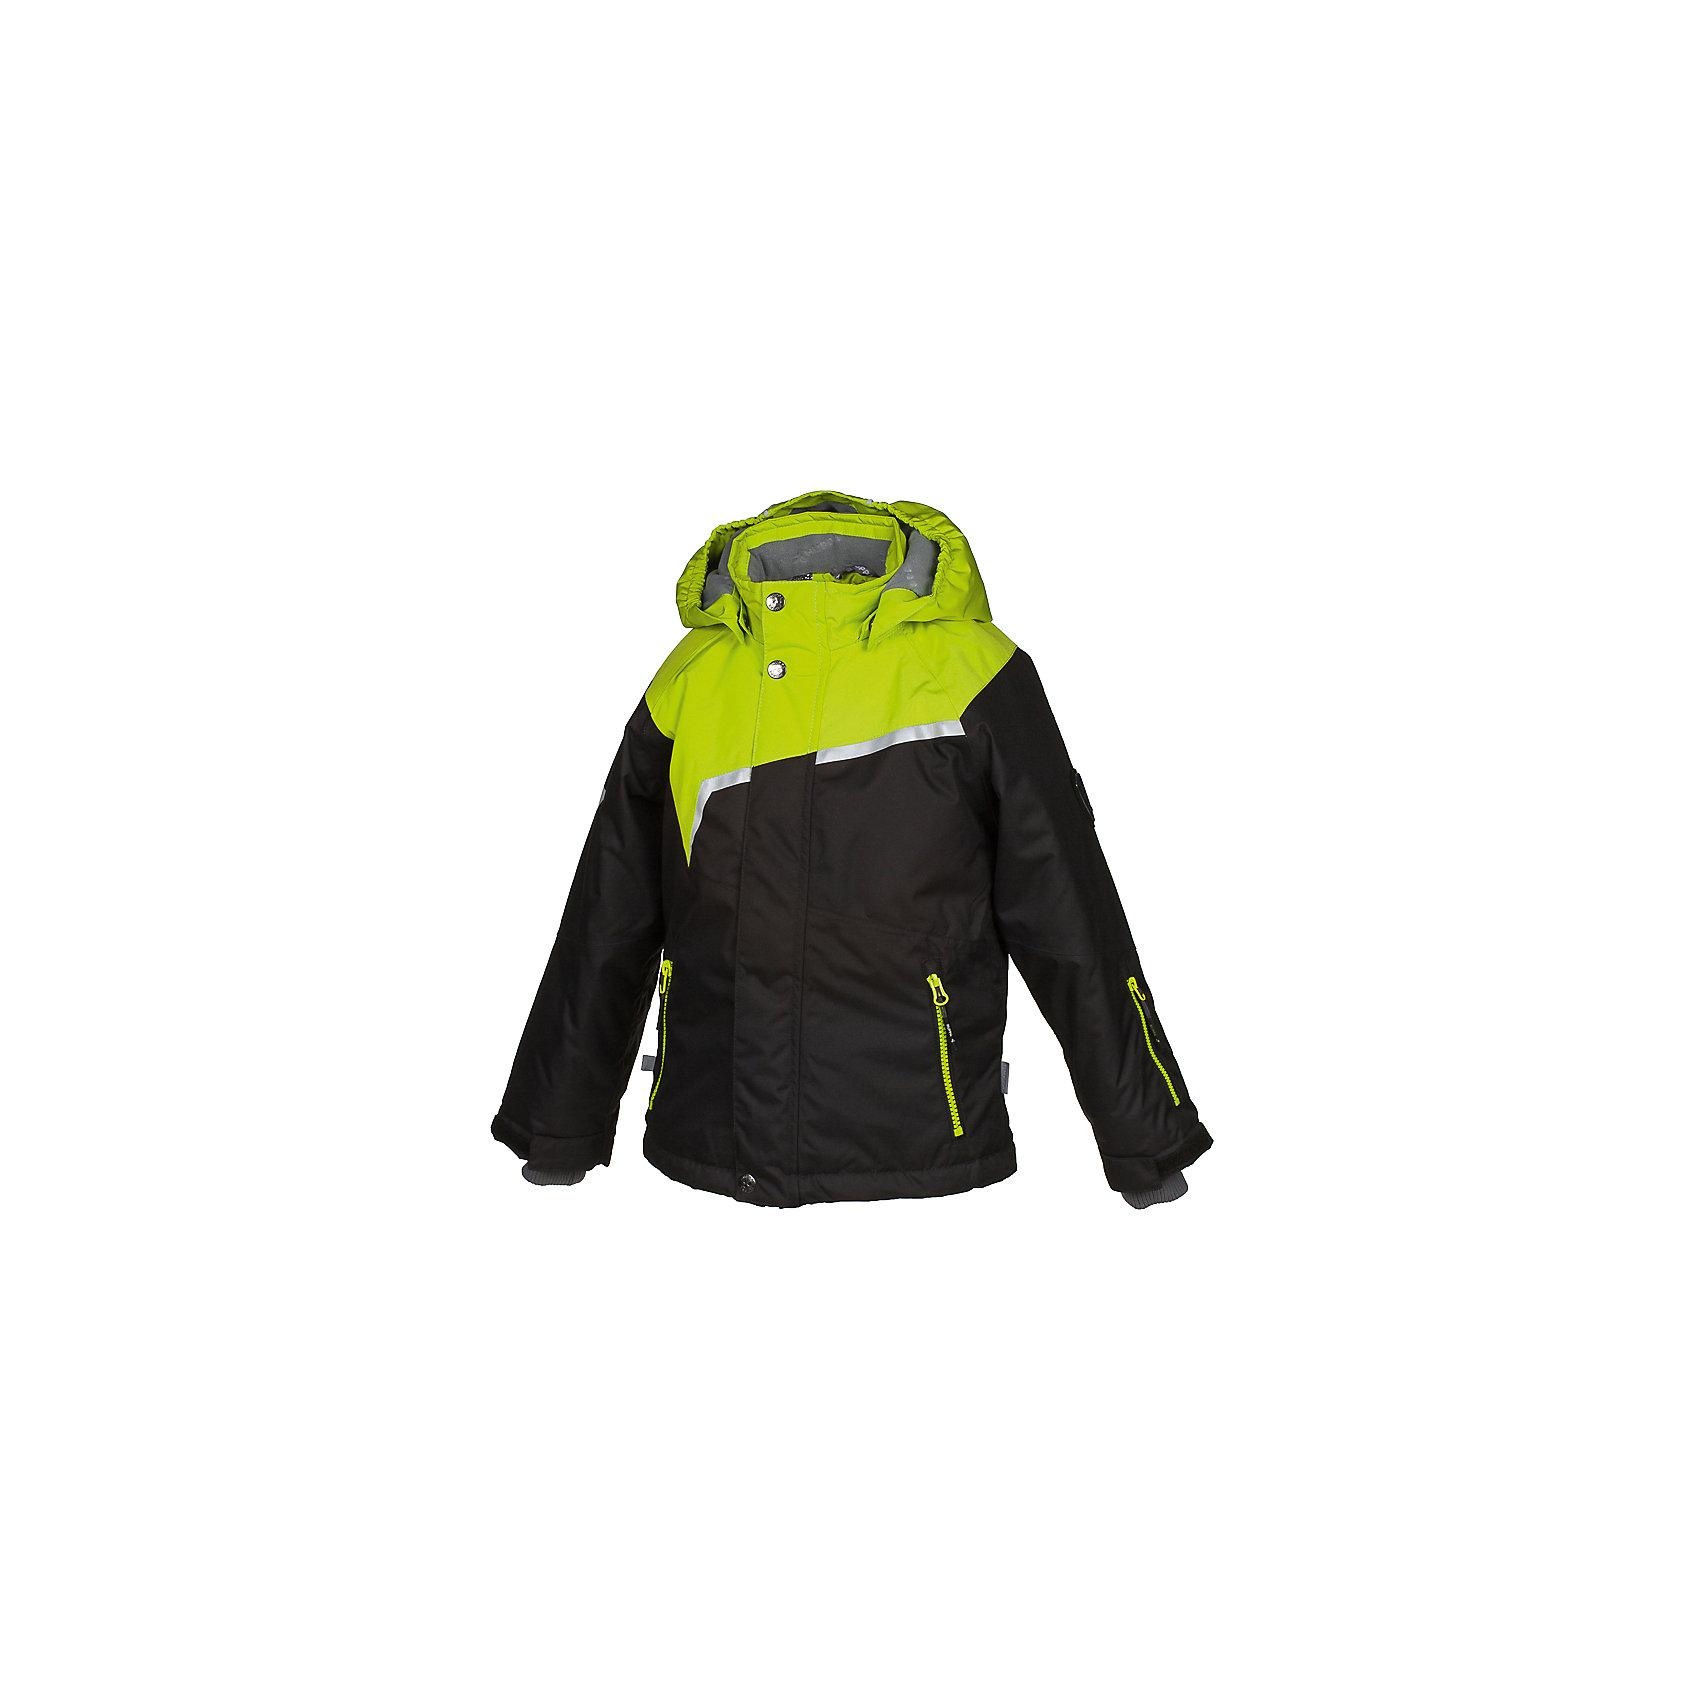 Куртка ISLA HuppaВерхняя одежда<br>Характеристики товара:<br><br>• модель: Isla;<br>• цвет: черный/салатовый;<br>• состав: 100% полиэстер;<br>• утеплитель: полиэстер,200 гр.;<br>• подкладка: полиэстер, тафта, флис, теплоотражающая подкладка Huppa tec;<br>• сезон: зима;<br>• температурный режим: от -5 до - 20С;<br>• водонепроницаемость: 10000 мм;<br>• воздухопроницаемость: 10000 г/м2/24ч;<br>• все швы проклеены и не пропускают влагу;<br>• защитная планка молнии на кнопках;<br>• защита подбородка от защемления;<br>• наличие внутренней снегозащиты куртки;<br>• капюшон крепится на кнопки и, при необходимости, отстегивается;<br>• эластичный шнур с фиксатором;<br>• внутренний и боковые карманы застегиваются на молнию;<br>• светоотражающие элементы для безопасности ребенка;<br>• регулируемые рукава на липучке с дополнительным вязаным манжетом внутри; <br>• страна бренда: Финляндия;<br>• страна изготовитель: Эстония.<br><br>Куртка Isla  для мальчика изготовлена из водо и ветронепроницаемого, грязеотталкивающего материала. В куртке Isla  200 грамм утеплителя, которые обеспечат тепло и комфорт ребенку при температуре от -5 до -20 градусов.Подкладка —полиэстер, тафта, флис, теплоотражающая подкладка Huppa tec.<br><br>Функциональные элементы: капюшон отстегивается с помощью кнопок, защитная планка молнии на кнопках, защита подбородка от защемления, наличие внутренней снегозащиты куртки,эластичный шнур с фиксатором, внутренний и боковые карманы застегиваются на молнию,  регулируемые рукава на липучке с дополнительным вязаным манжетом внутри, все швы проклеены и не пропускают влагу,светоотражающие элементы. <br><br>Куртку Isla для мальчика бренда HUPPA  можно купить в нашем интернет-магазине.<br><br>Ширина мм: 356<br>Глубина мм: 10<br>Высота мм: 245<br>Вес г: 519<br>Цвет: черный<br>Возраст от месяцев: 144<br>Возраст до месяцев: 156<br>Пол: Унисекс<br>Возраст: Детский<br>Размер: 158,104,110,116,122,128,134,140,146,152<br>SKU: 7024970